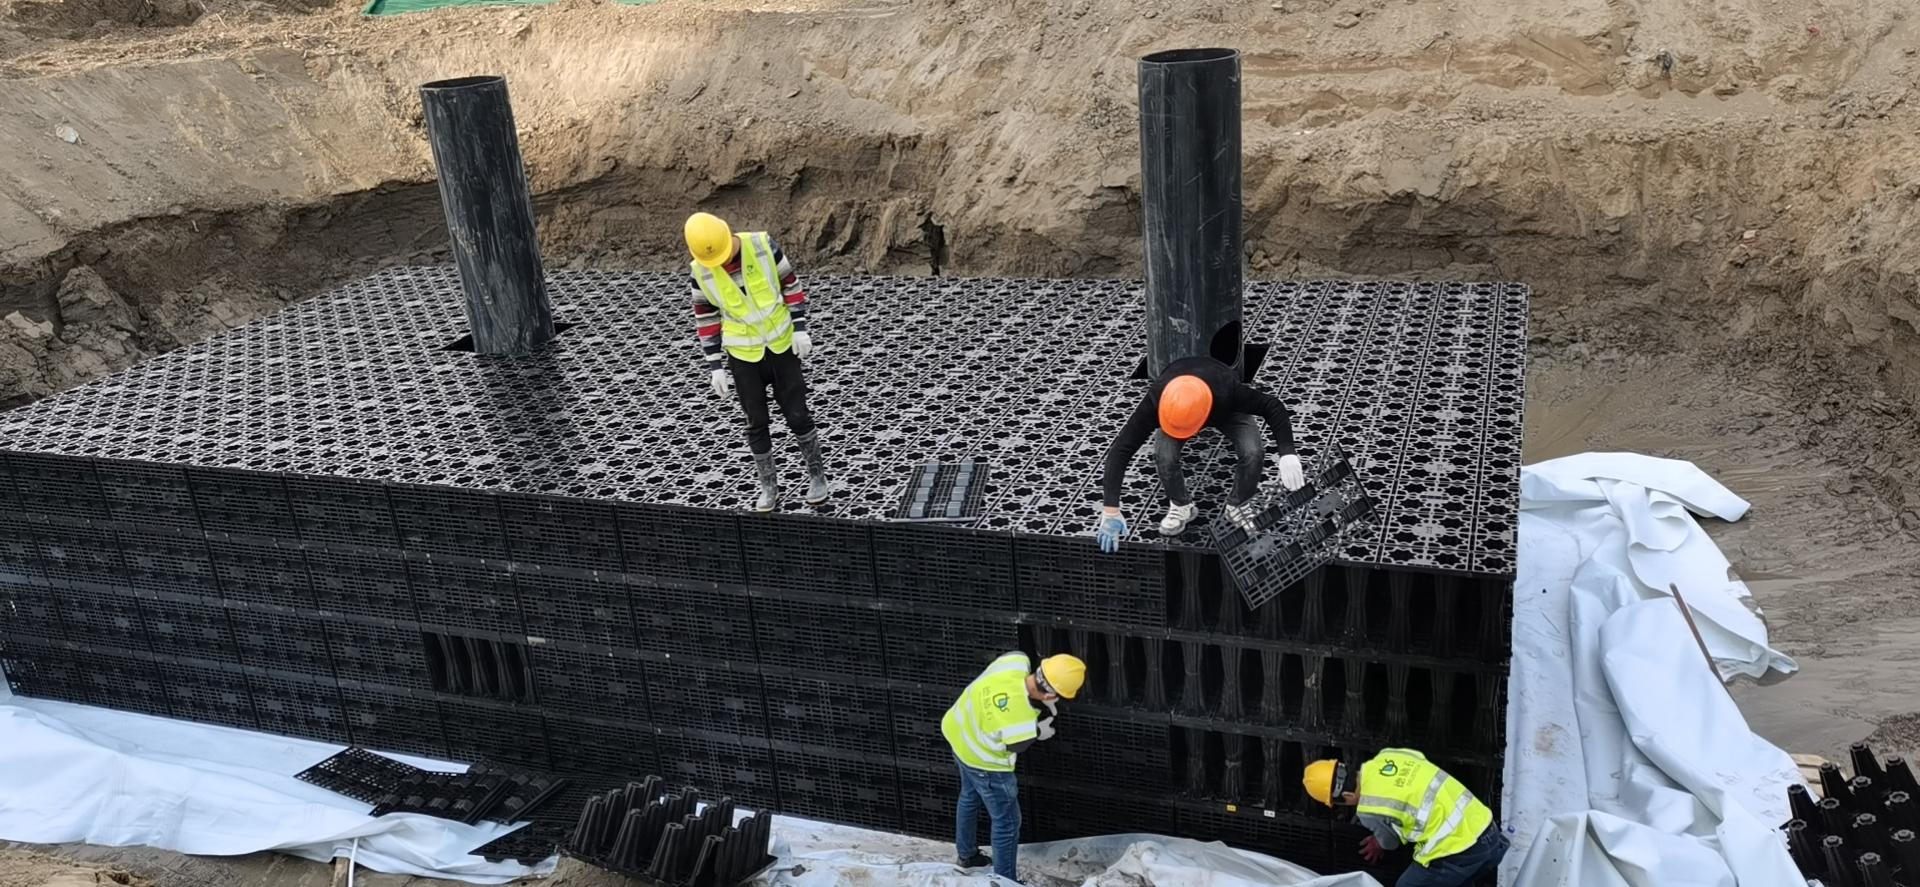 浙江德励石签约并施工杭州东部湾体育公园亚运轮滑馆雨水收集系统5